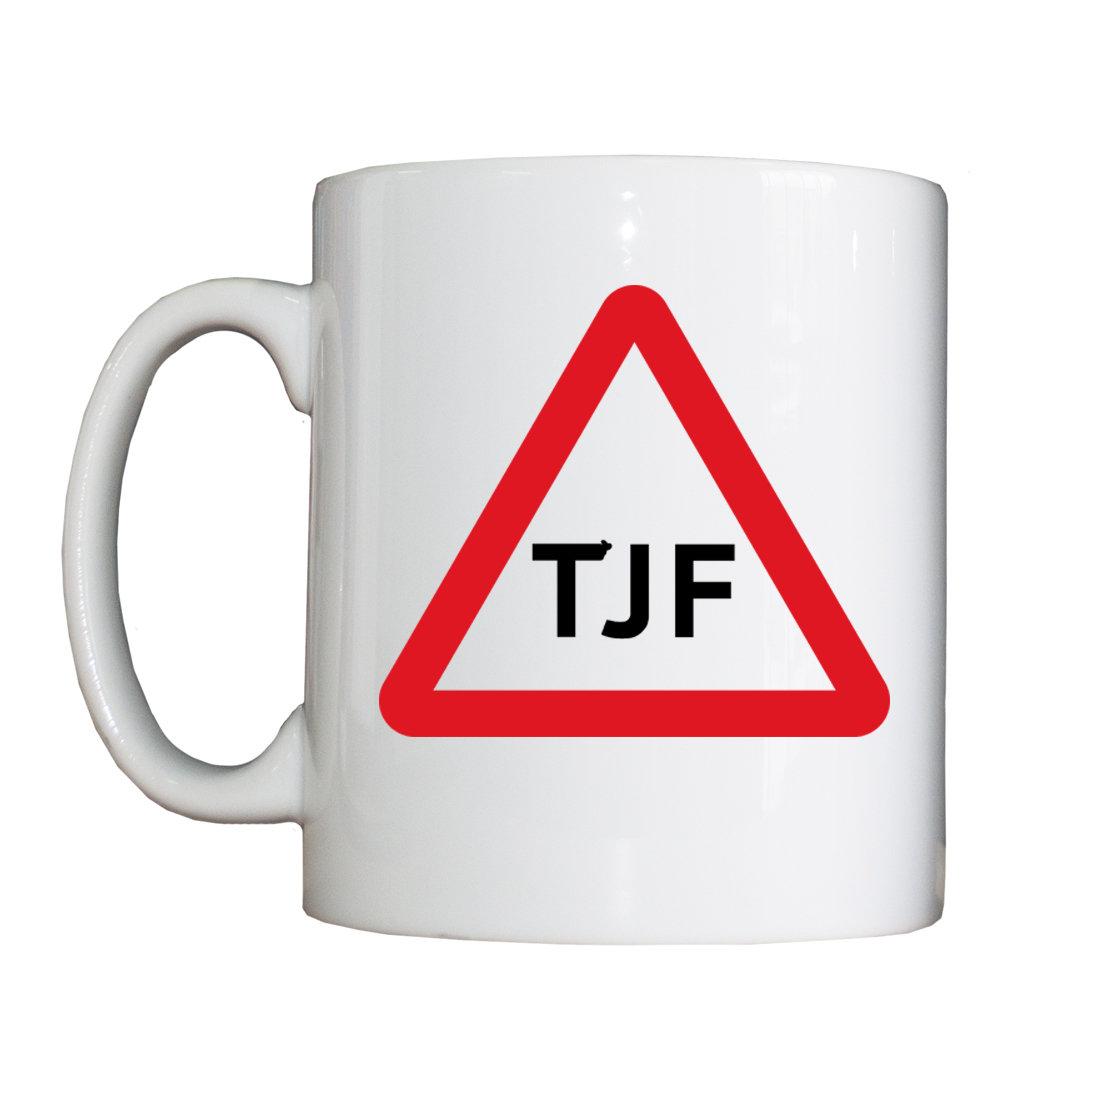 Personalised 'TJF' Drinking Vessel (Mug) NewTJFMug